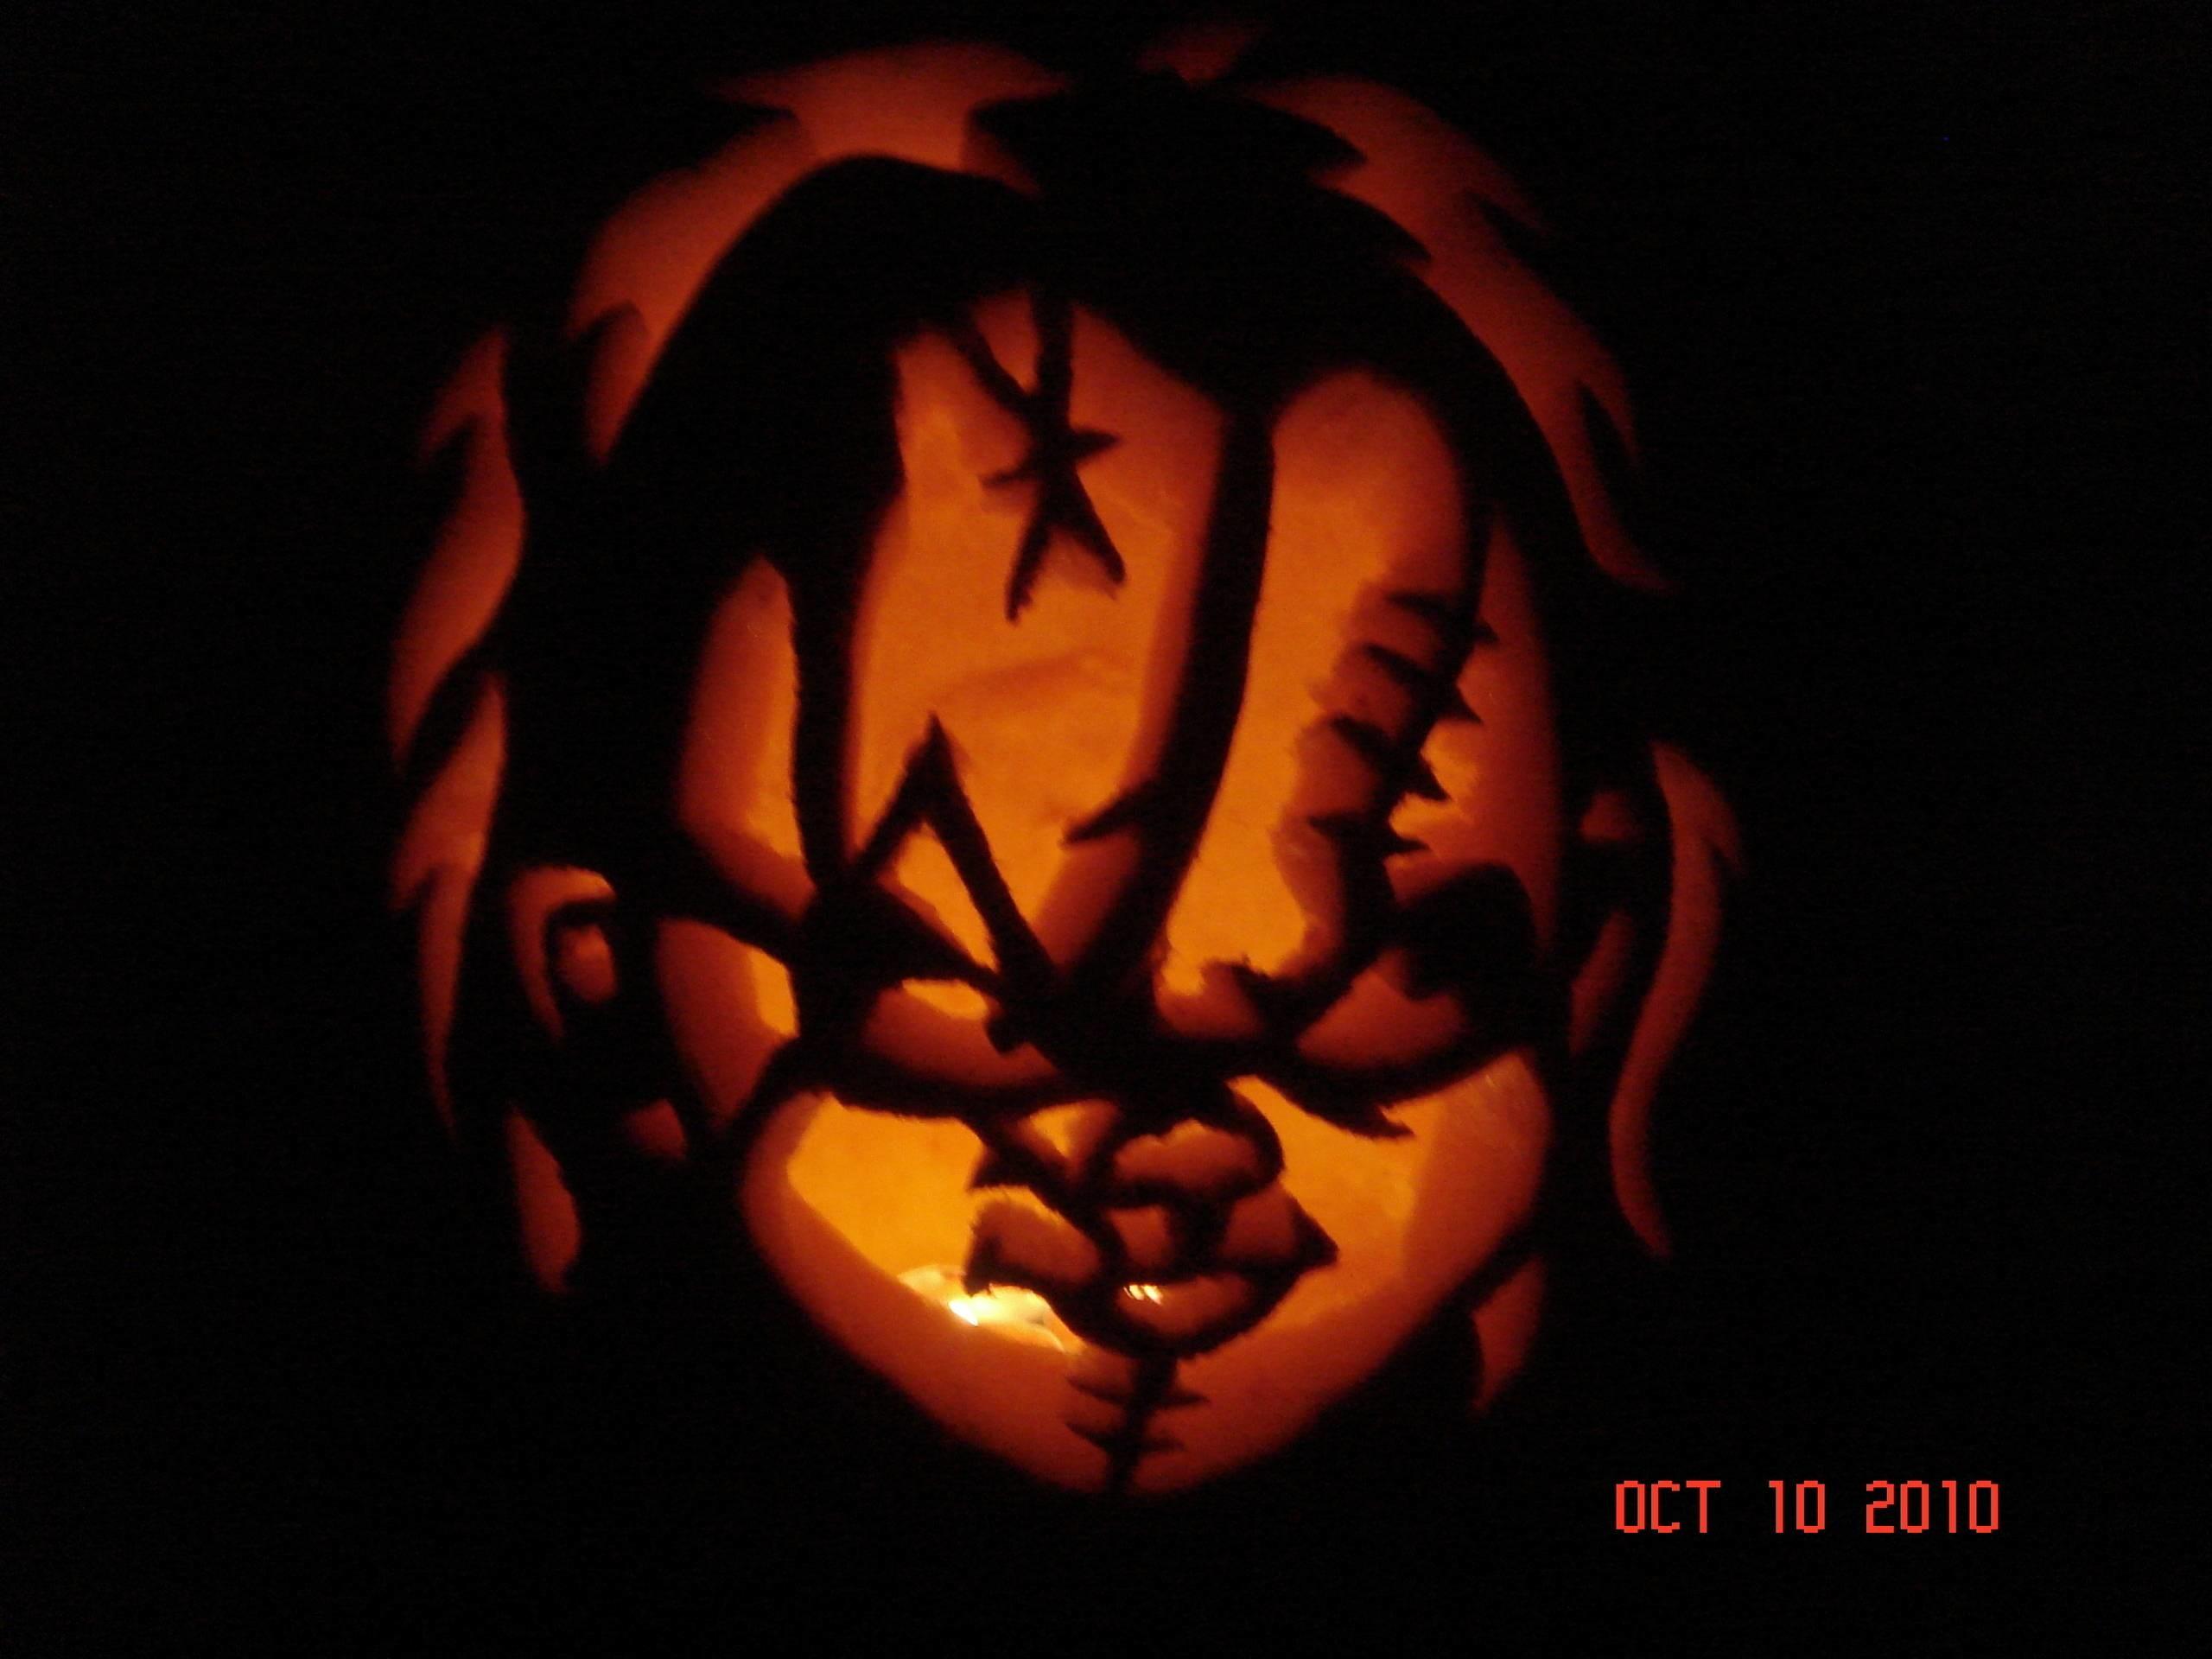 Stunning Chucky Pumpkin Wallpaper 2560x1920PX ~ Chucky Wallpaper .